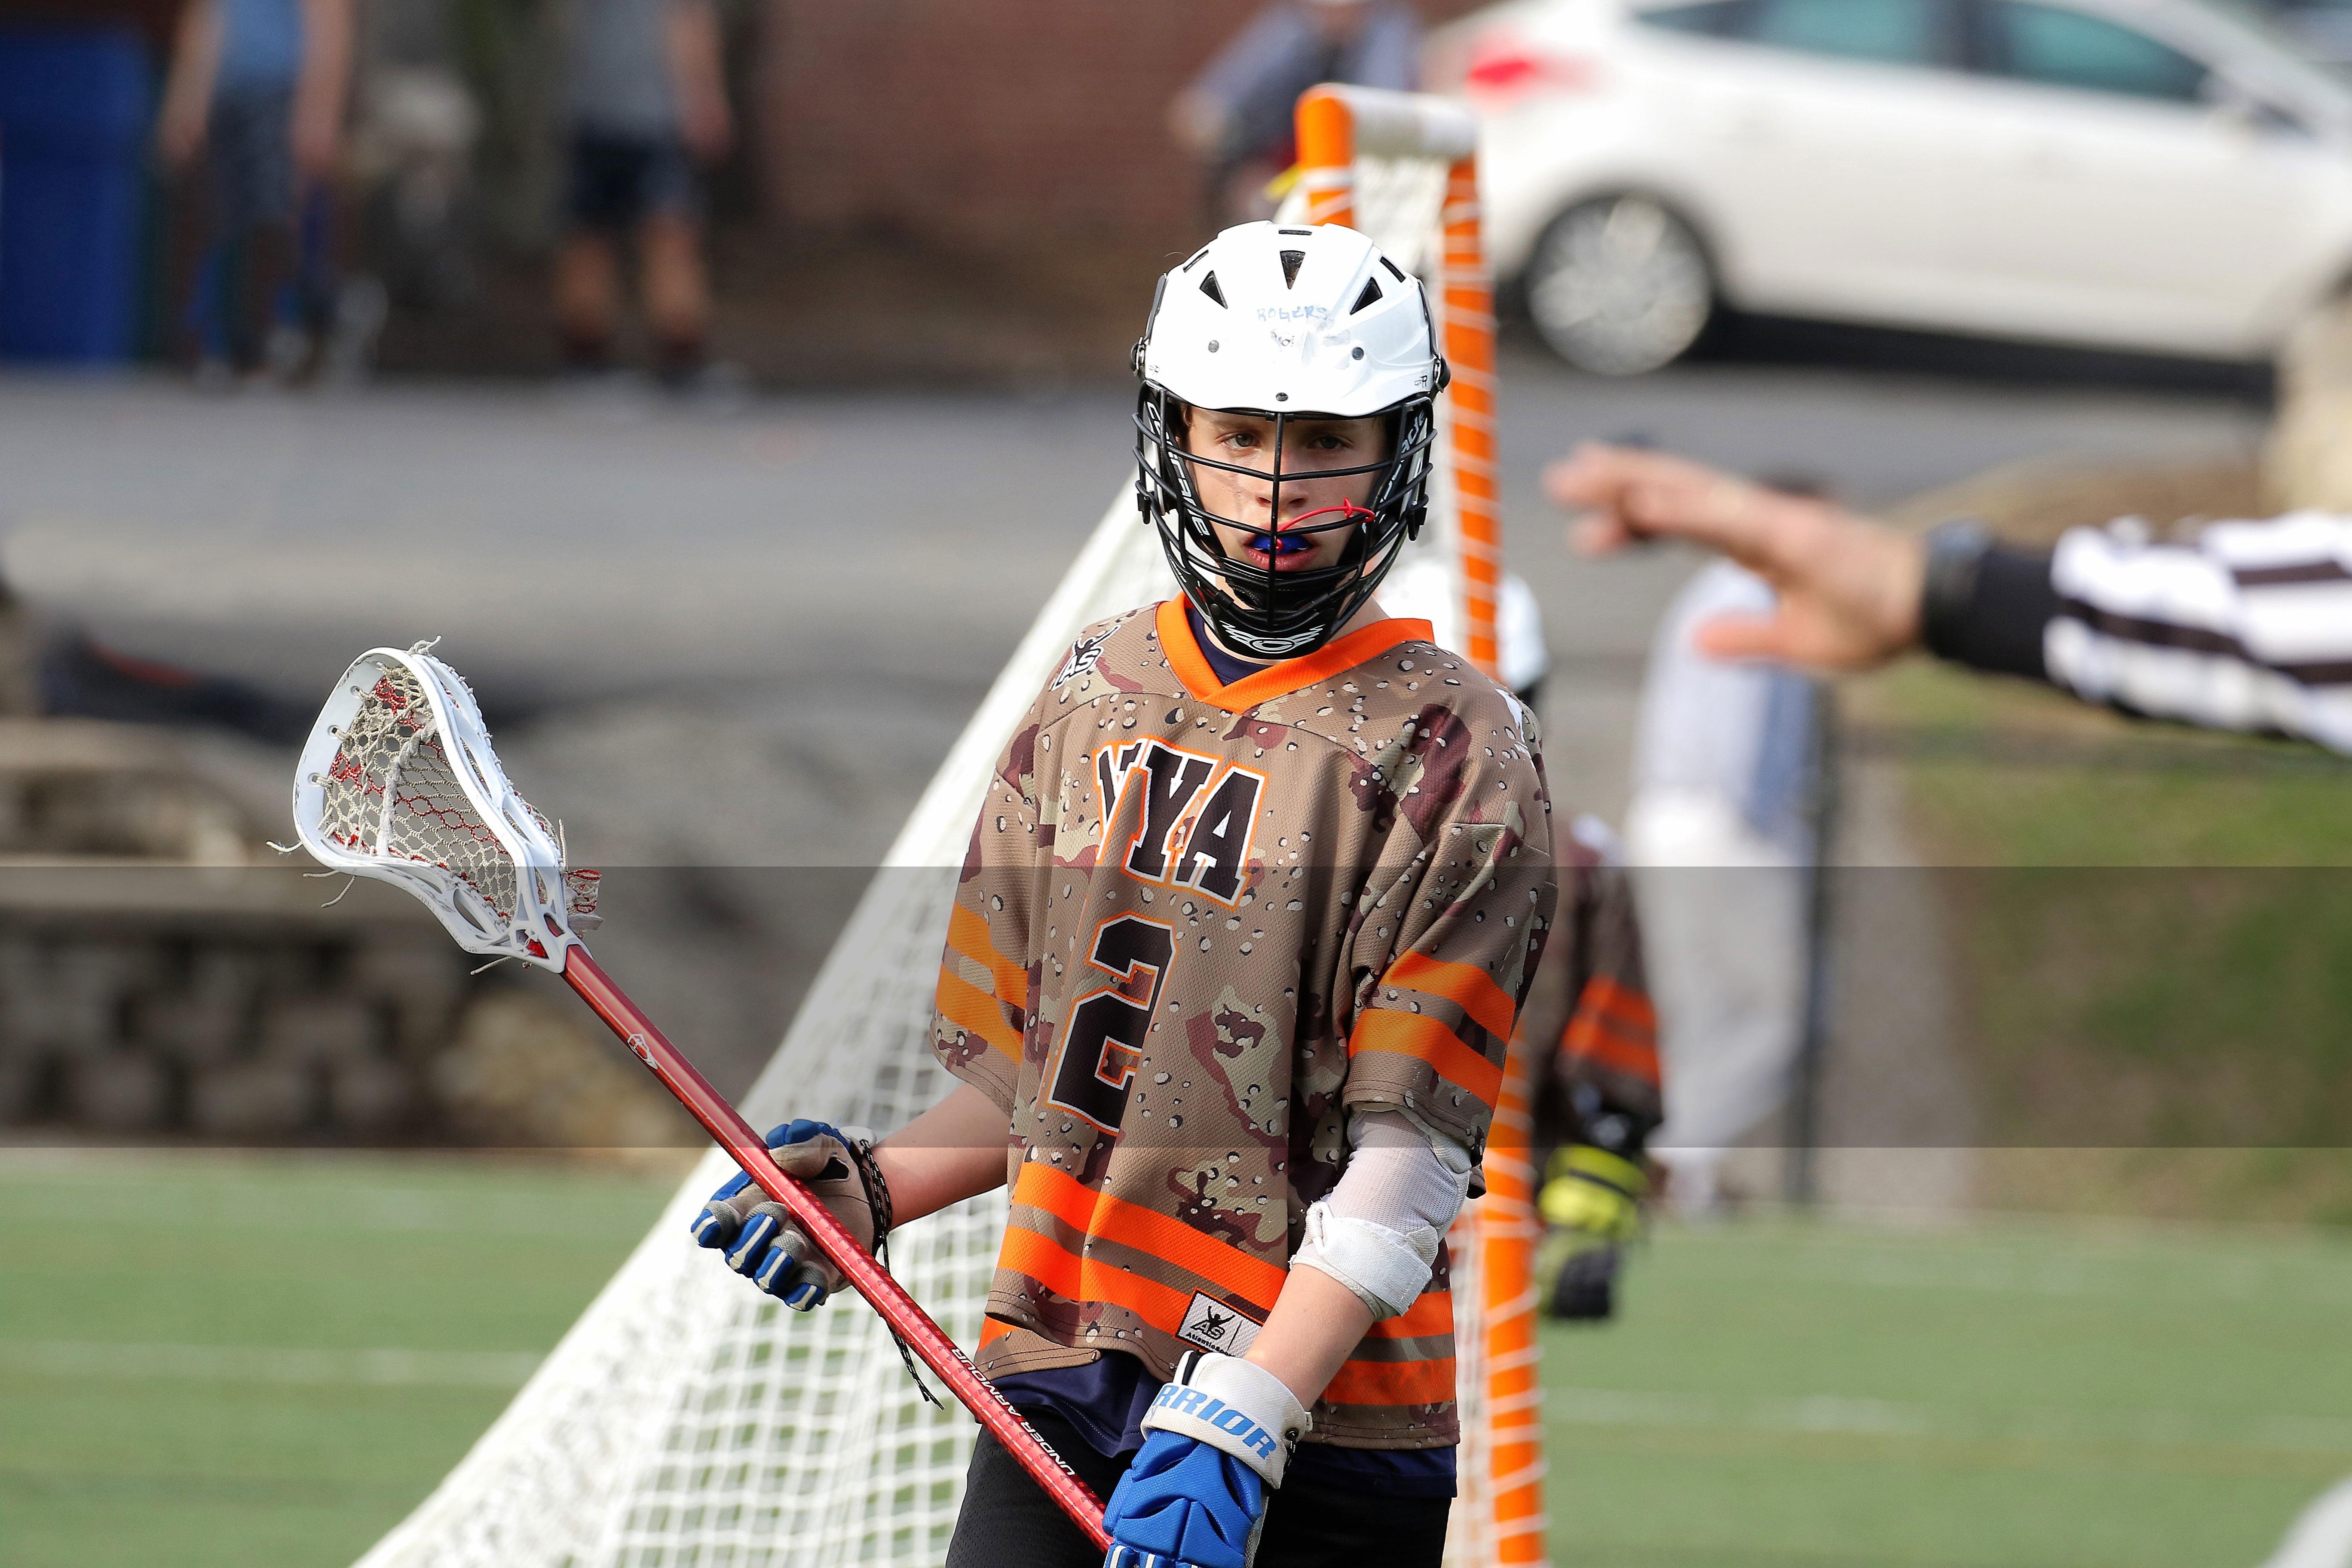 NYA Lacrosse Middle School